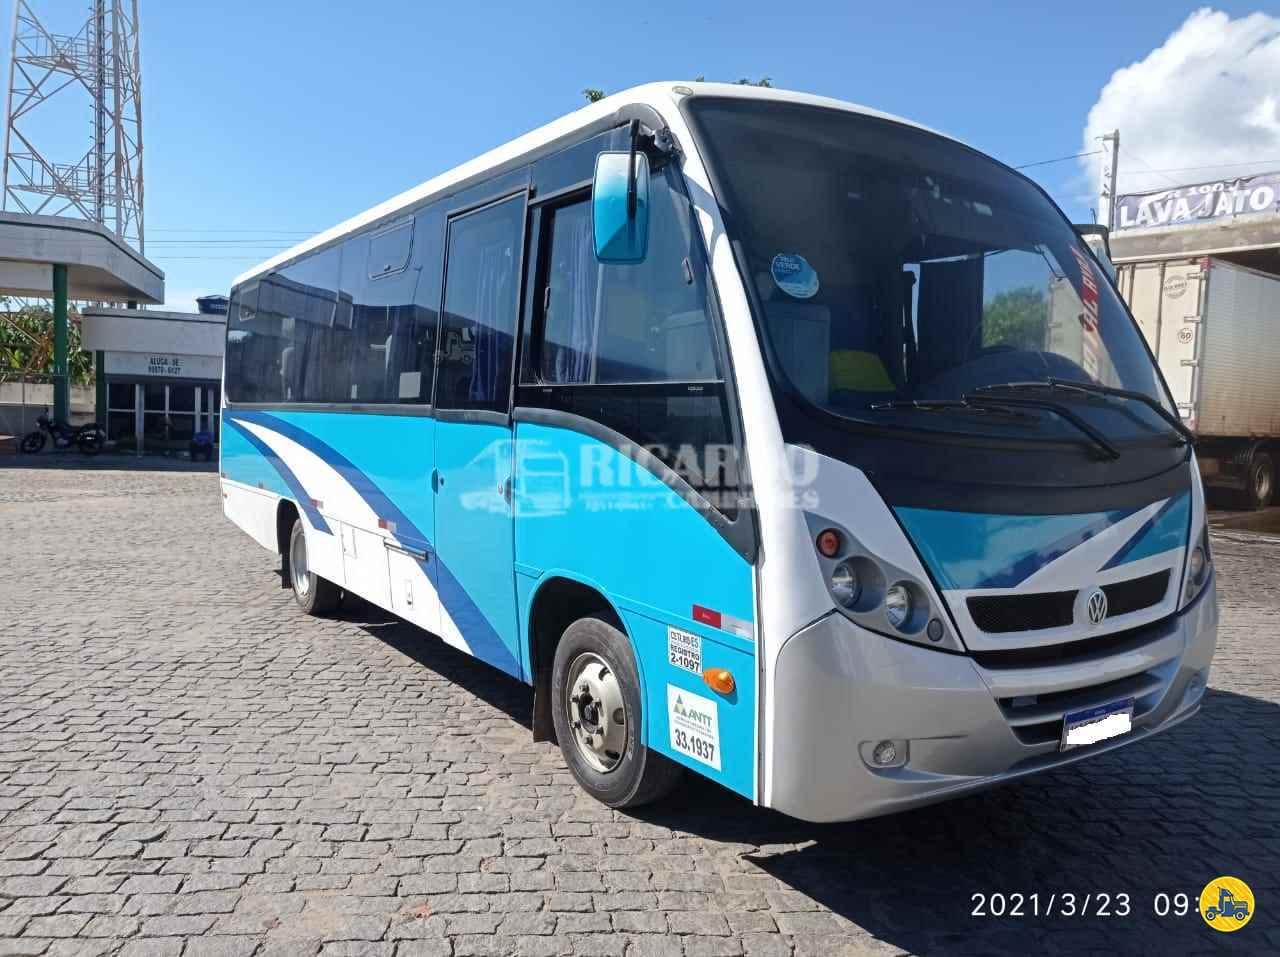 ONIBUS NEOBUS Thunder Plus Tração 4x2 Ricardo Caminhões SERRA ESPÍRITO SANTO ES